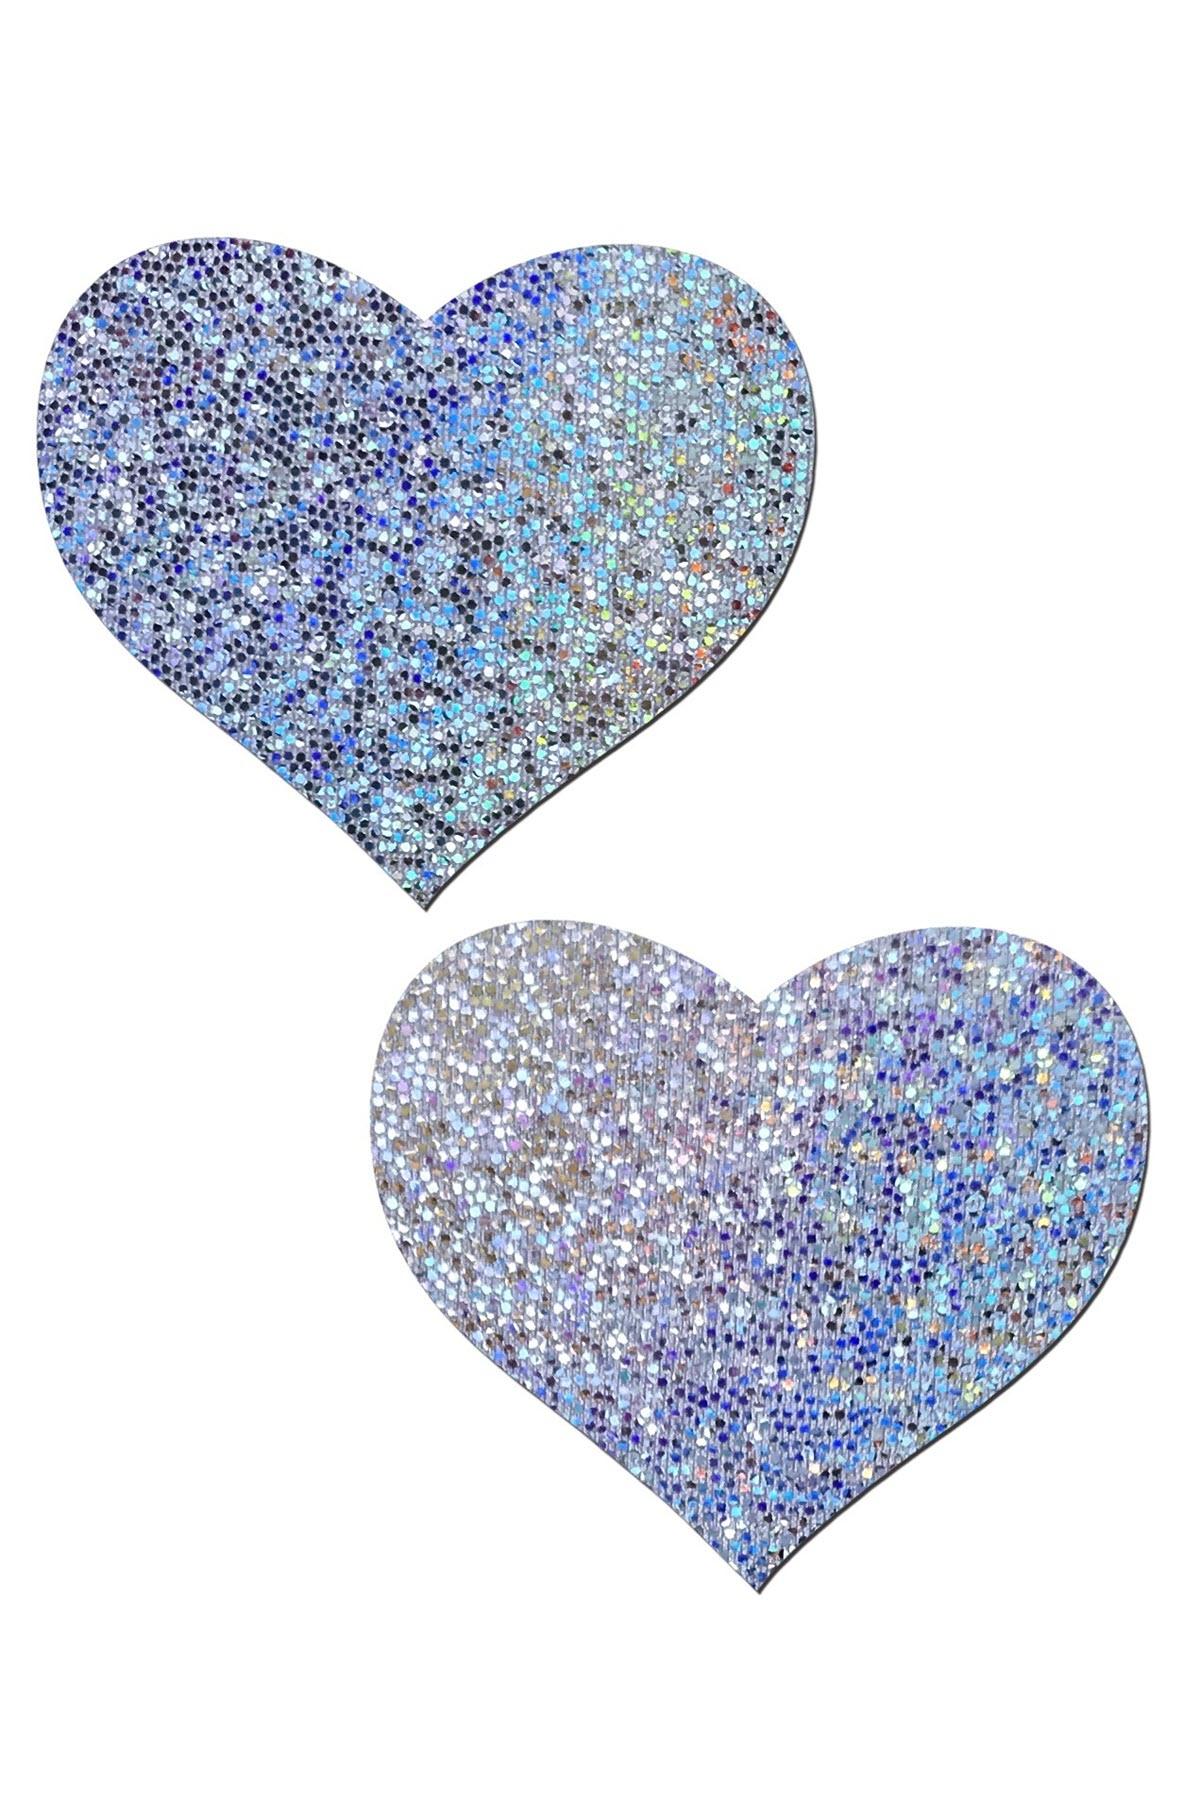 Image of Herz Nippelkleber, Glitter Silber